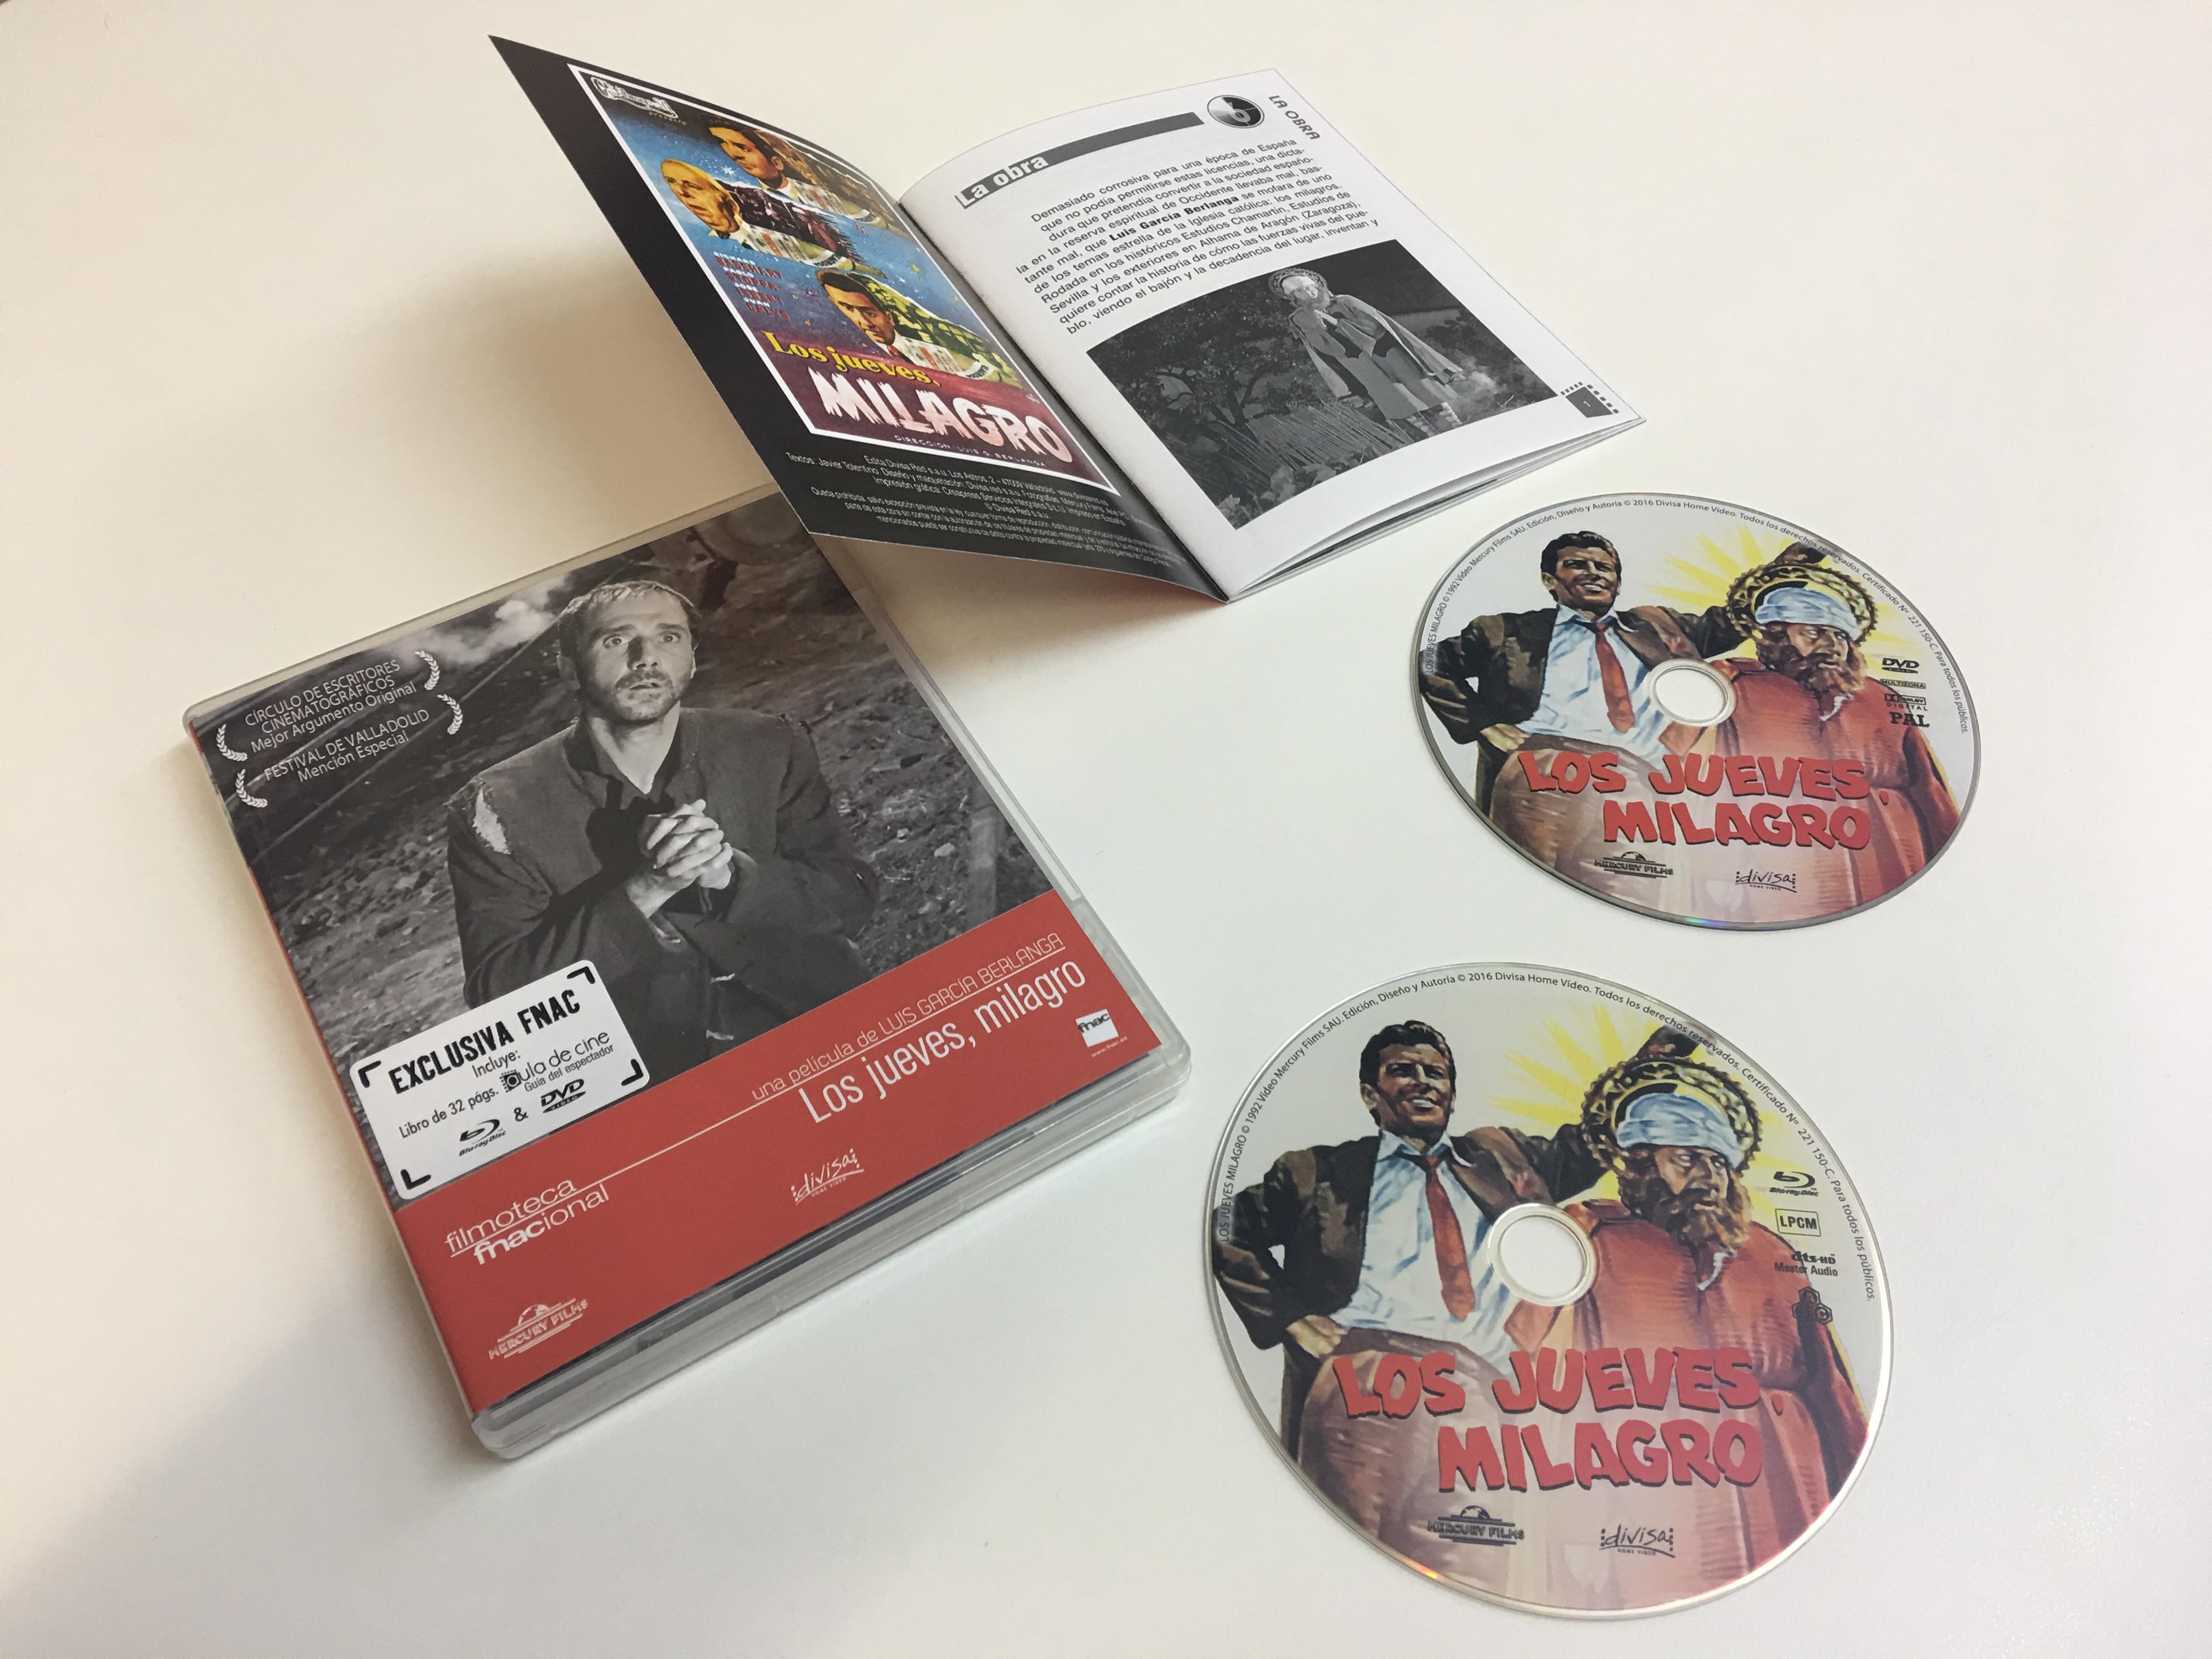 Los jueves, milagro (Blu-ray + DVD) - Exclusiva Fnac